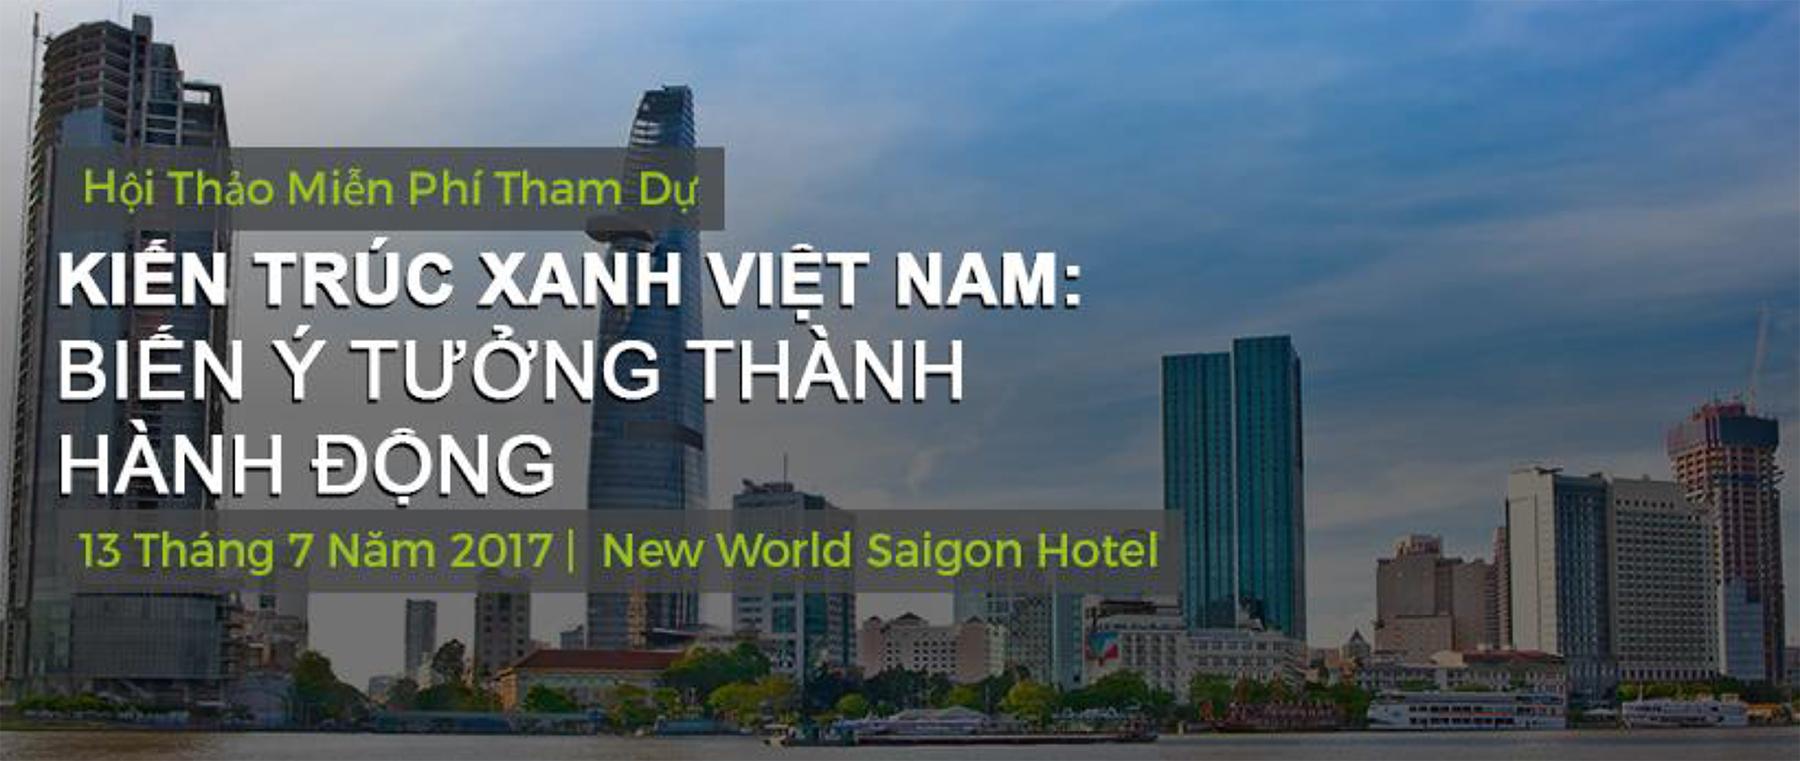 Hội thảo Kiến trúc Xanh Việt Nam: Biến ý tưởng thành hành động